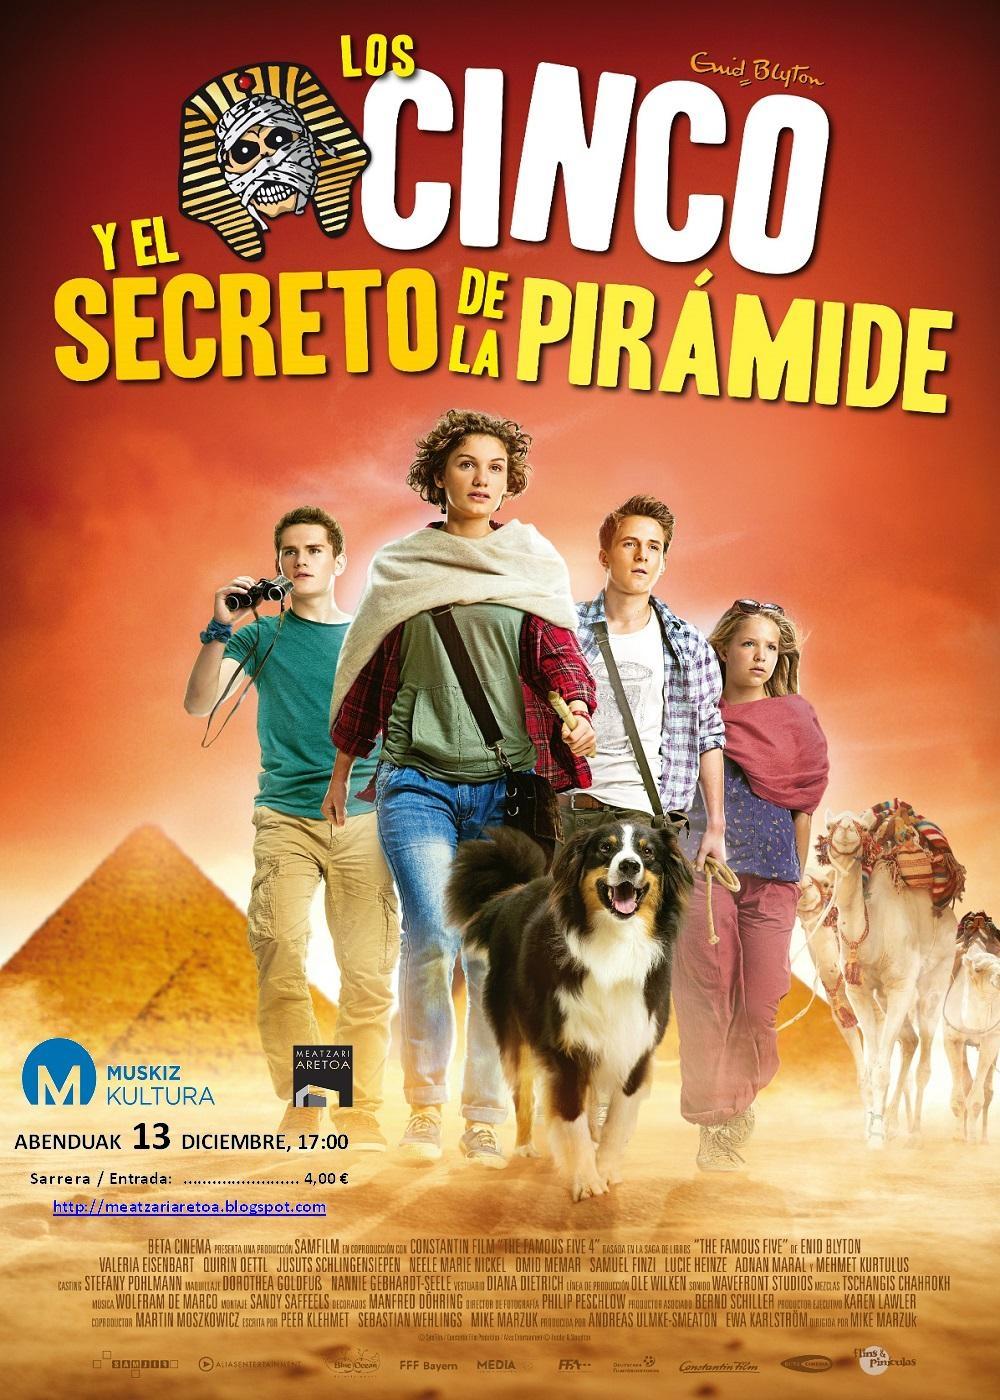 Los cinco y el secreto de la pirámide (2015)